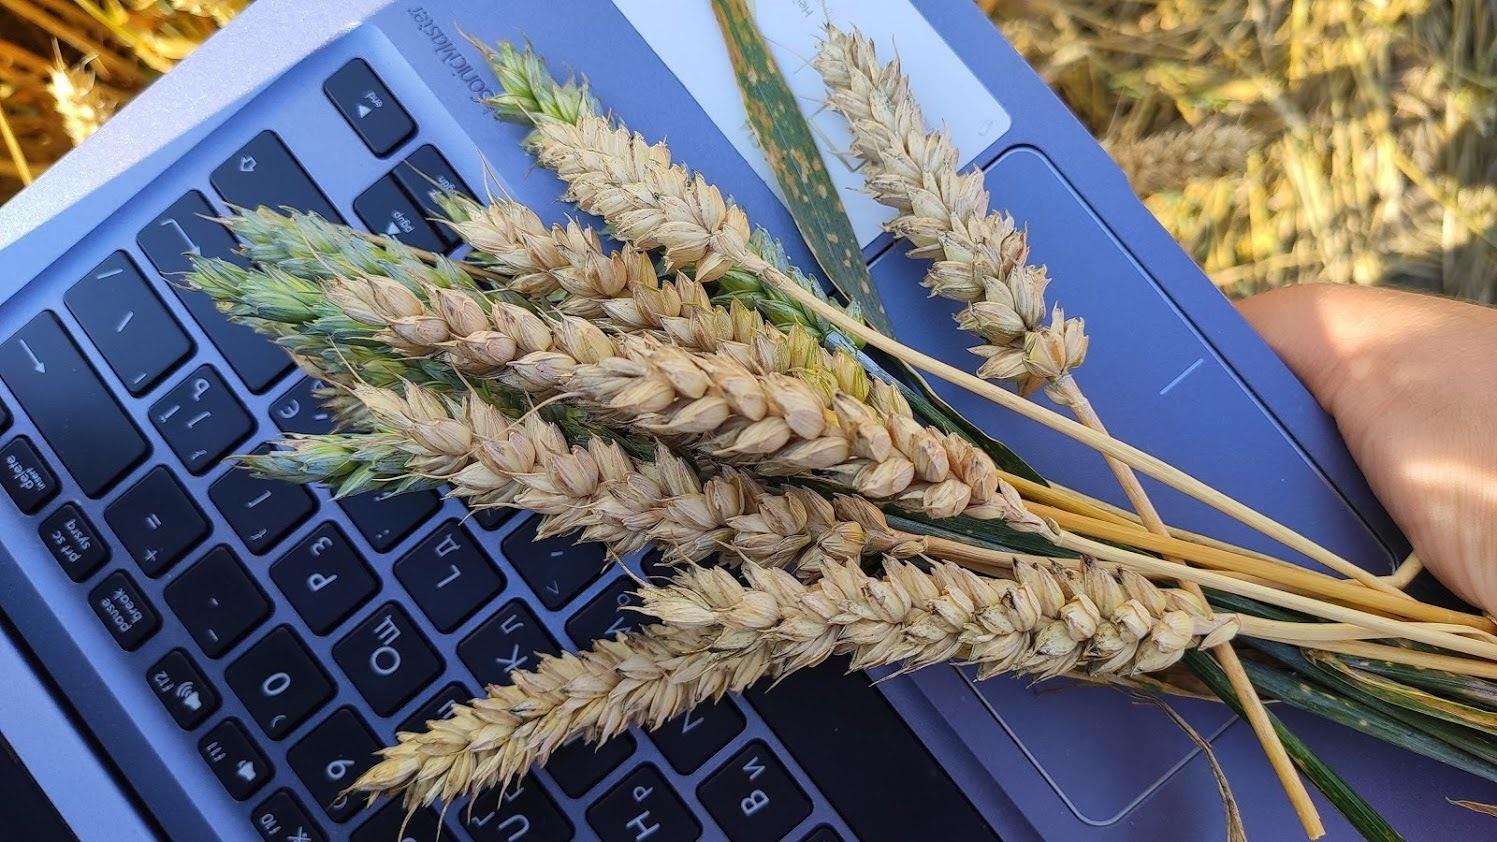 notebook.jpg (358 KB)